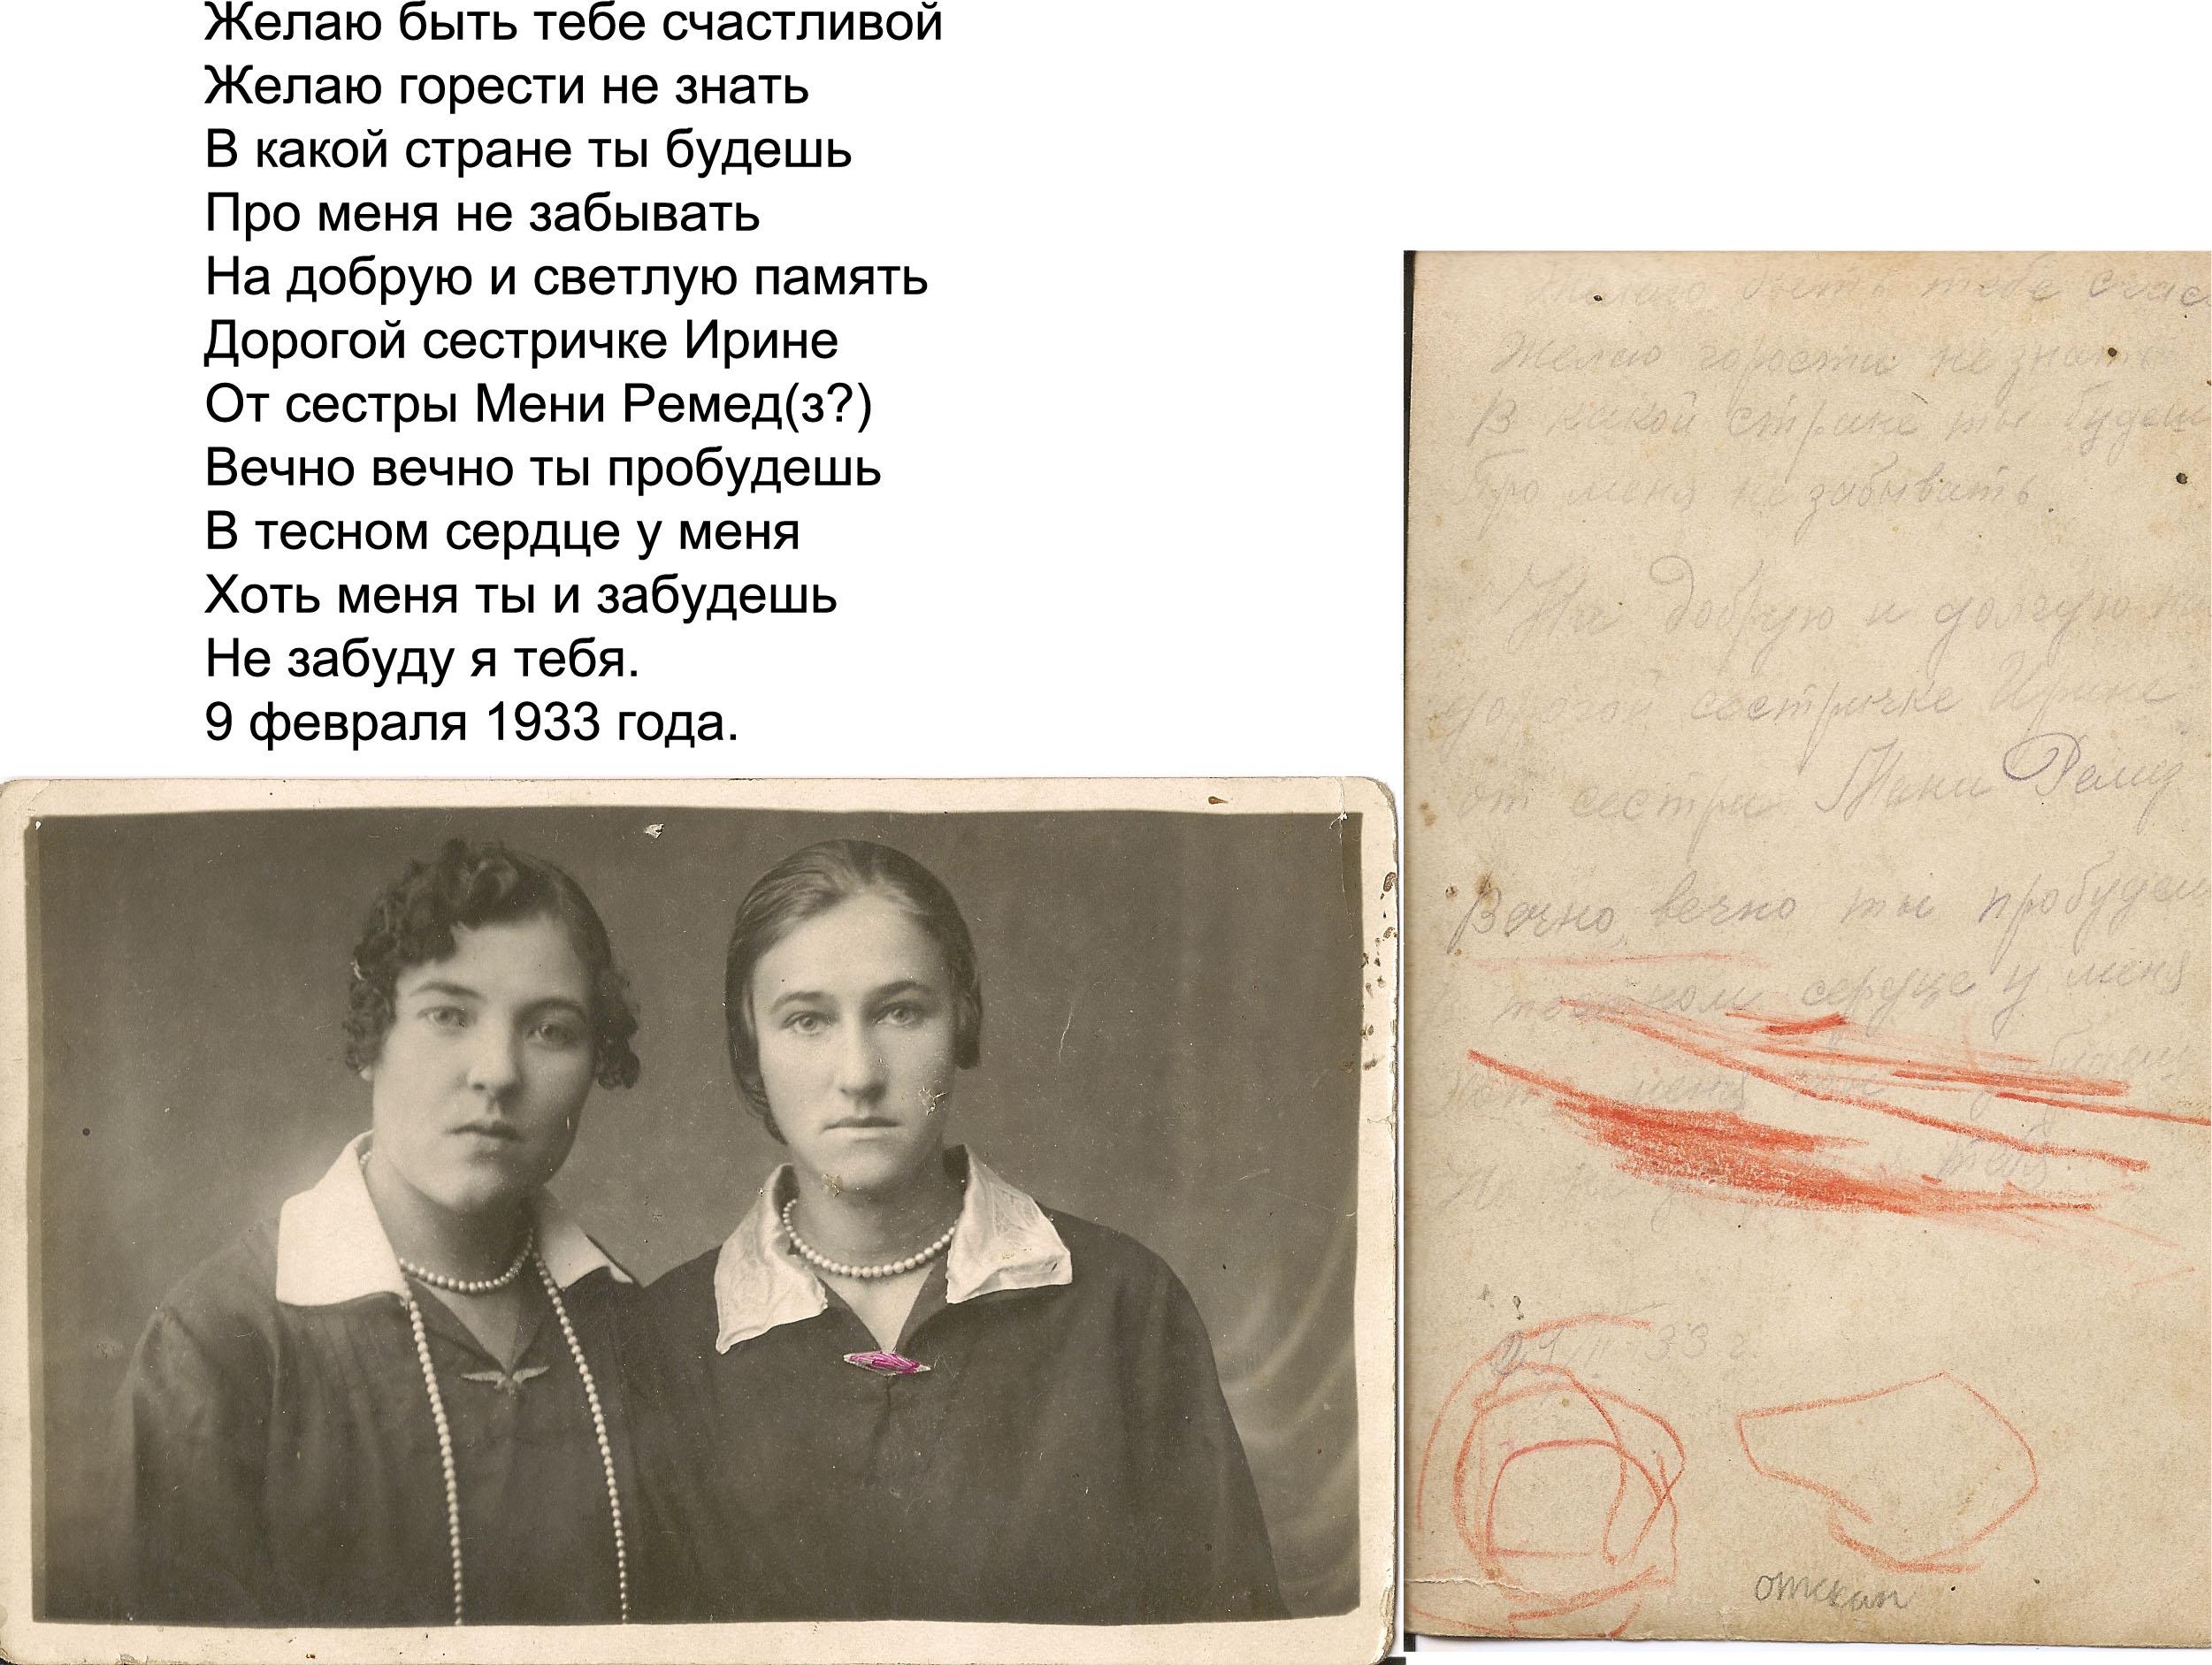 Ремез (Ярмолинская?) Мария Казимировна Фото вероятно сделано в г. Буда-Кошелево Белоруссия.